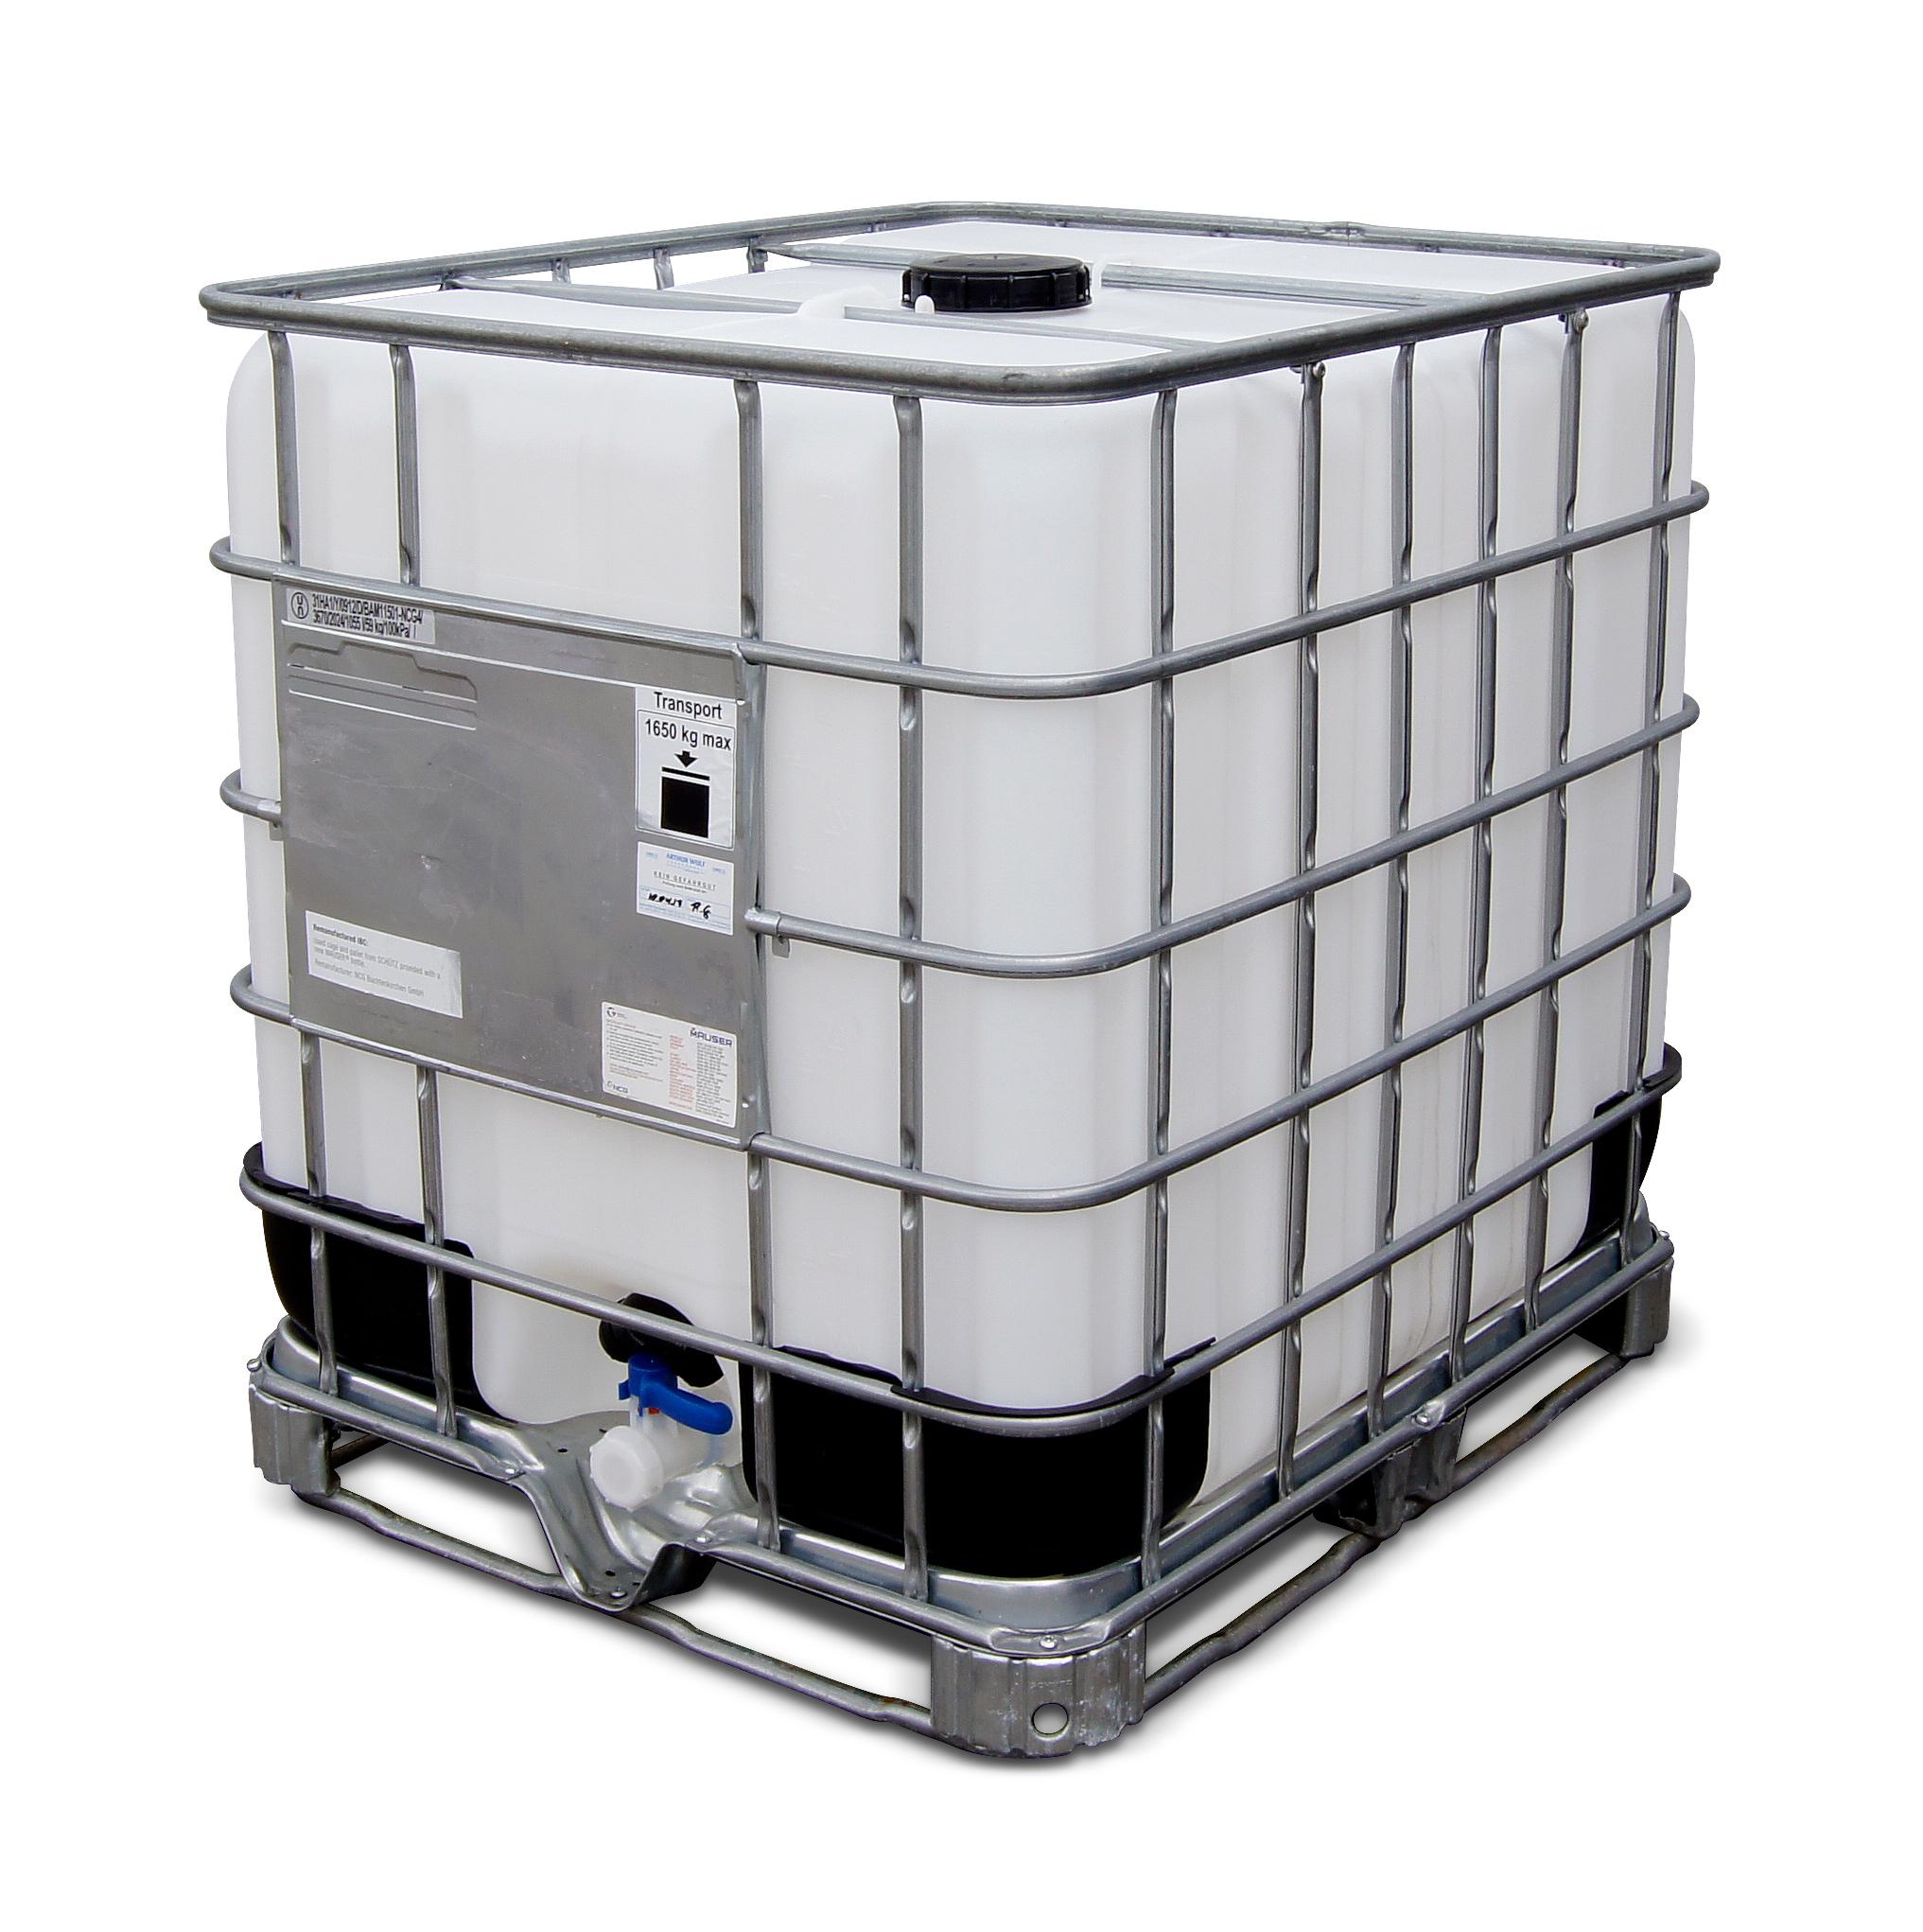 1000 L IBC Container, Stahlpalette, gebraucht gereinigt, 150/50, ohne UN